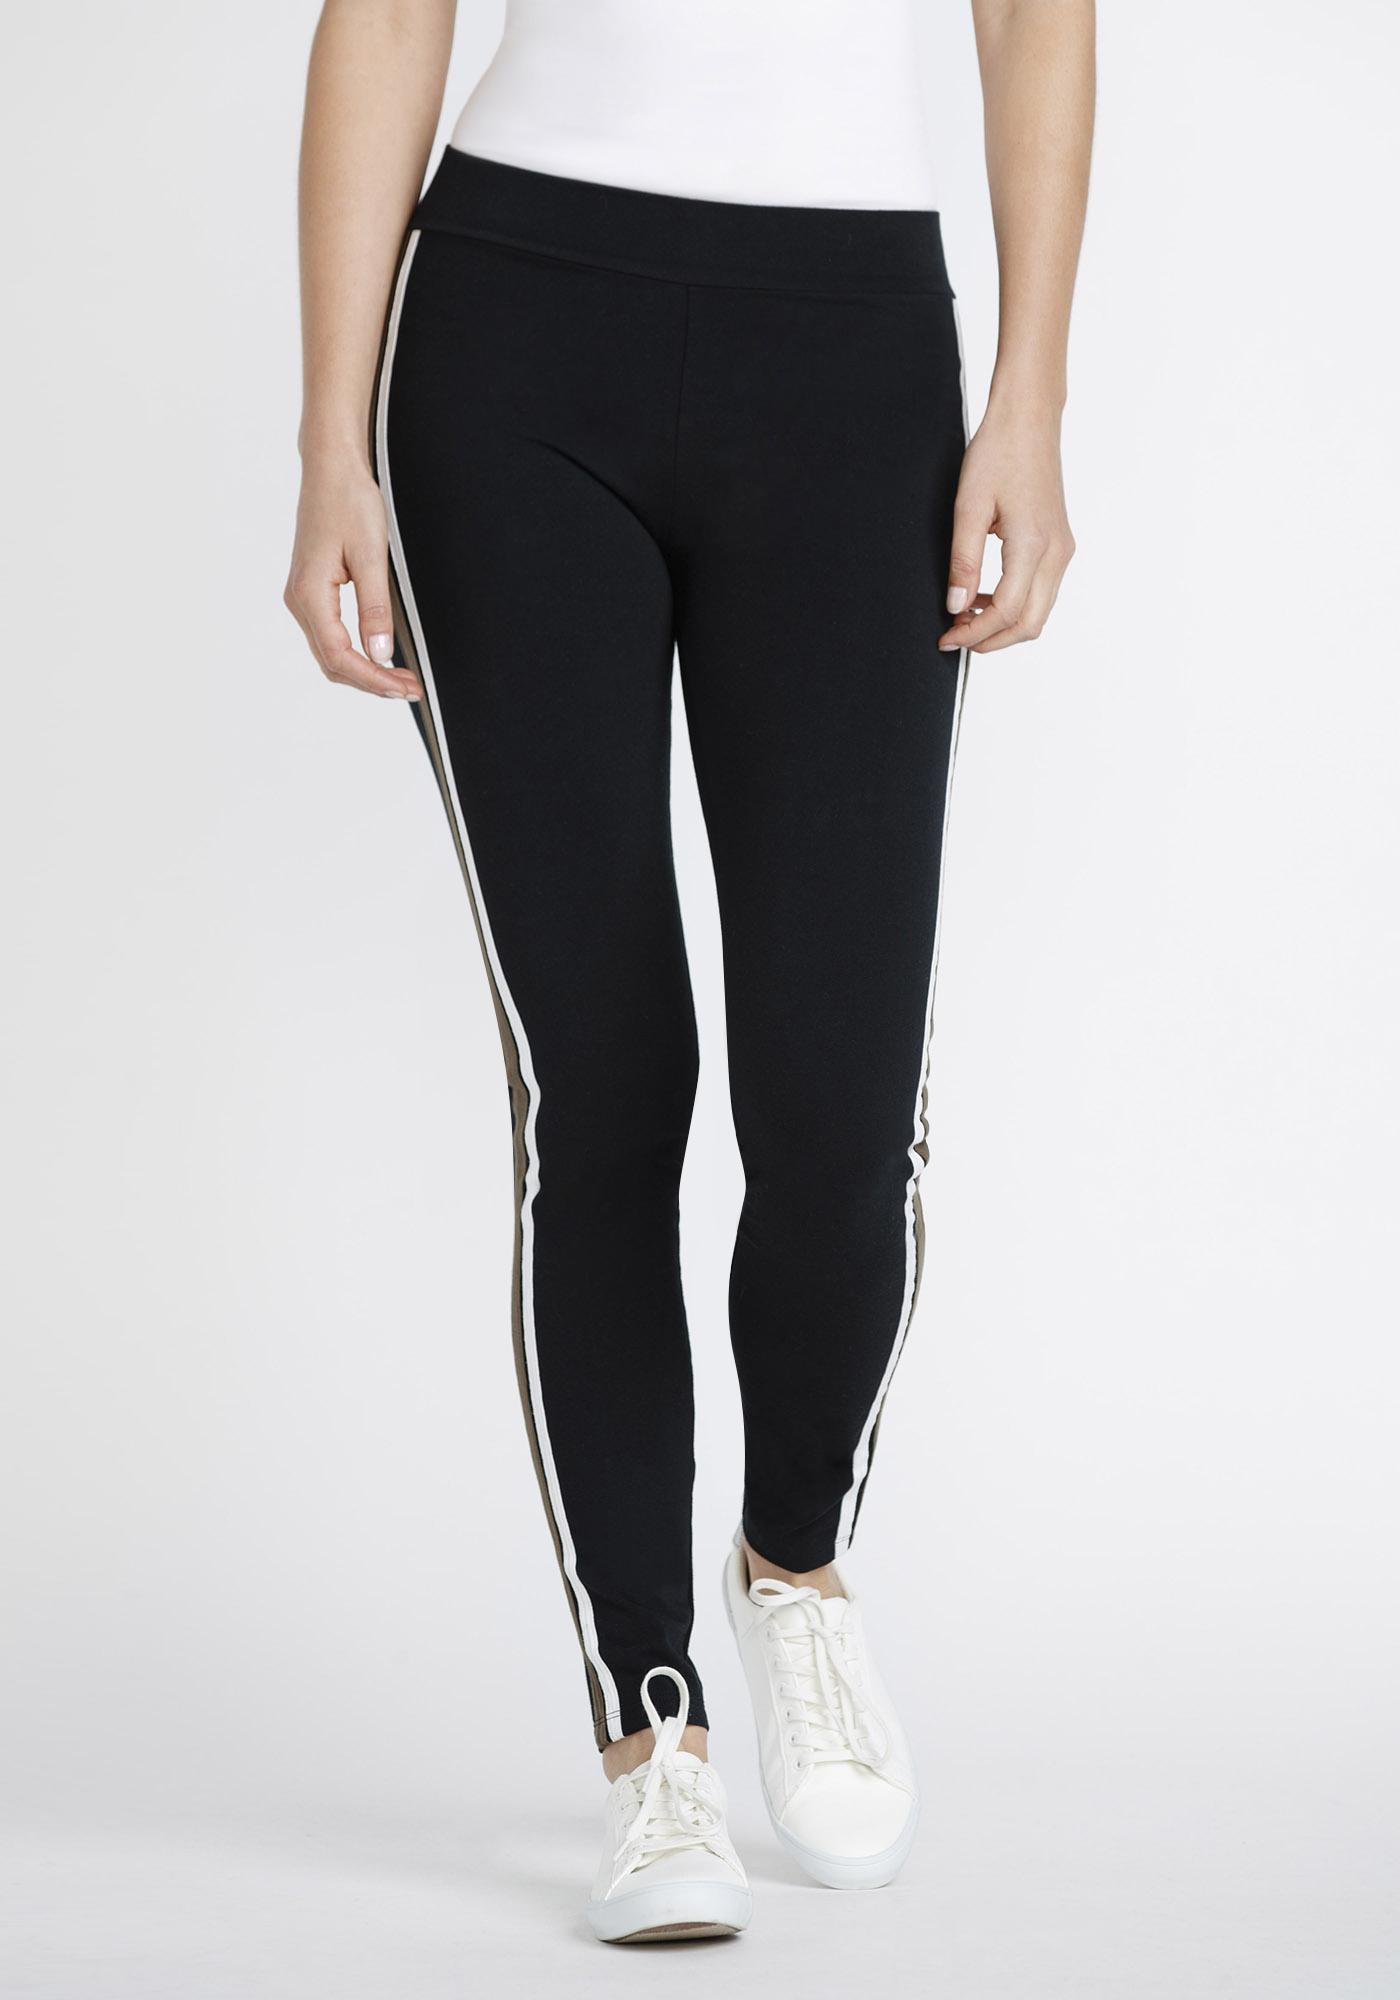 bd31853c2e2 Women s Side Stripe Legging